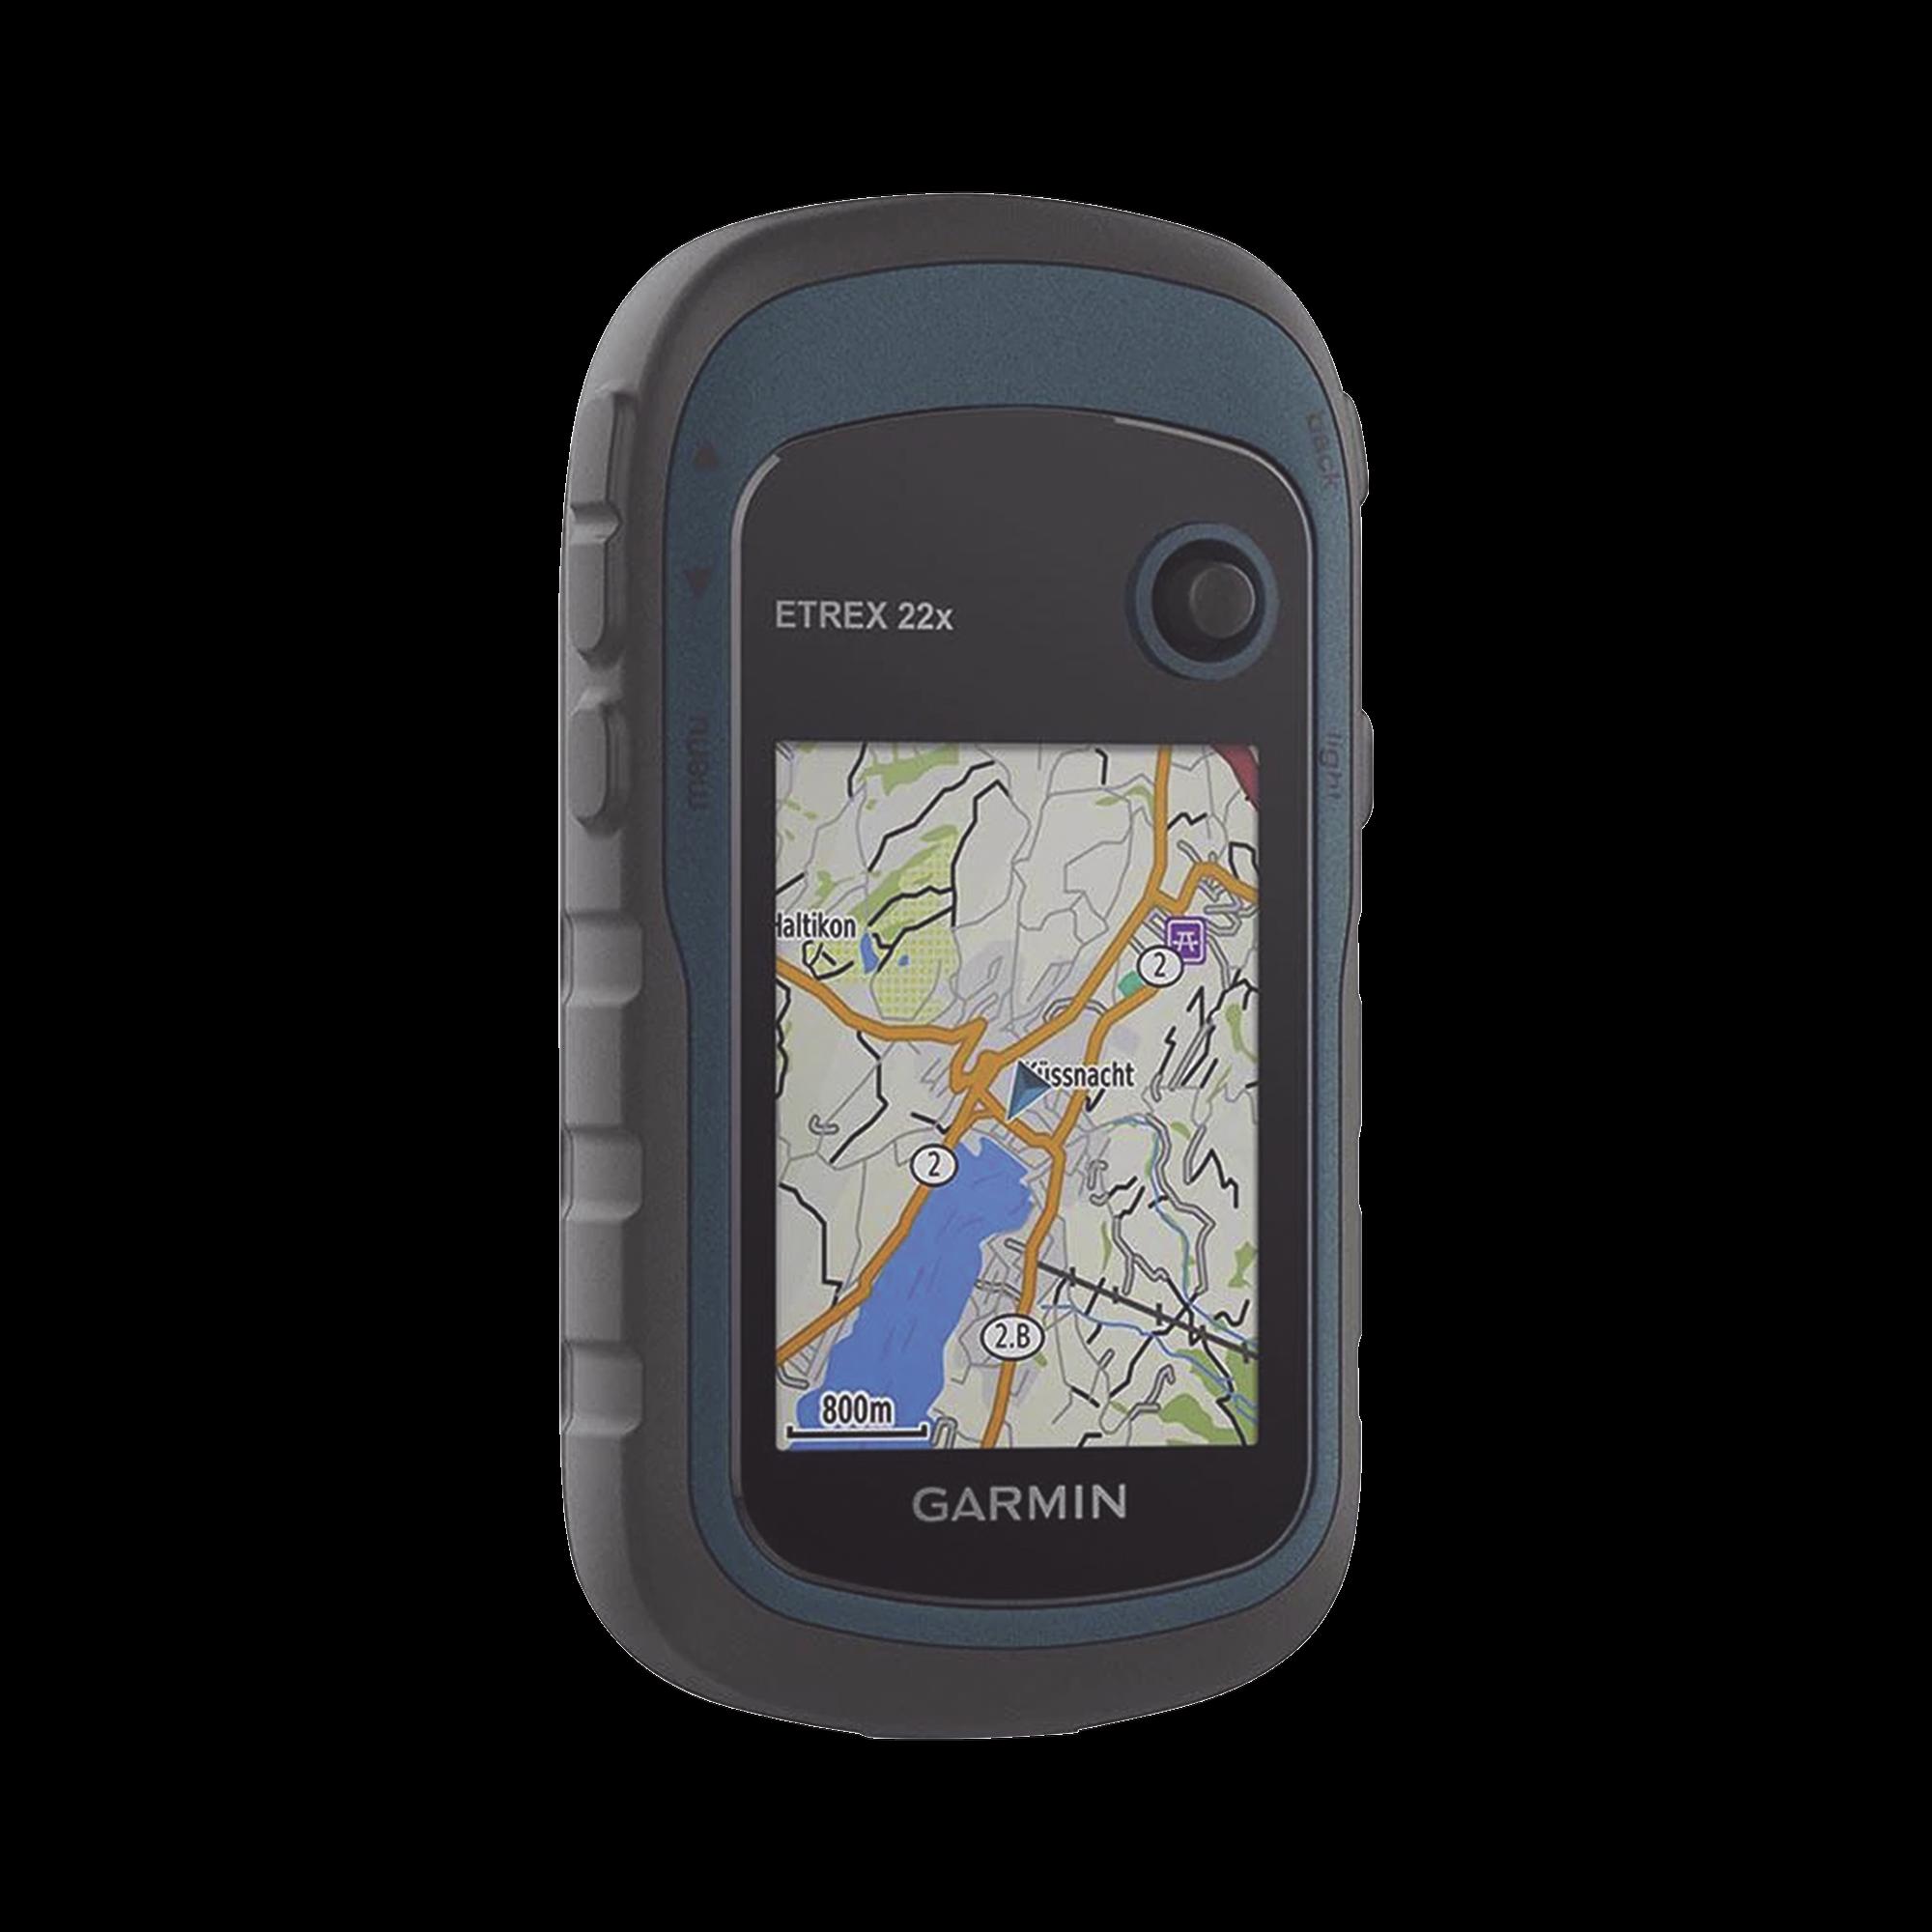 GPS portátil eTrex22 con mapa base precargado, almacena hasta 2000 puntos de interés, cuenta con sensor de GPS, calculo de áreas.